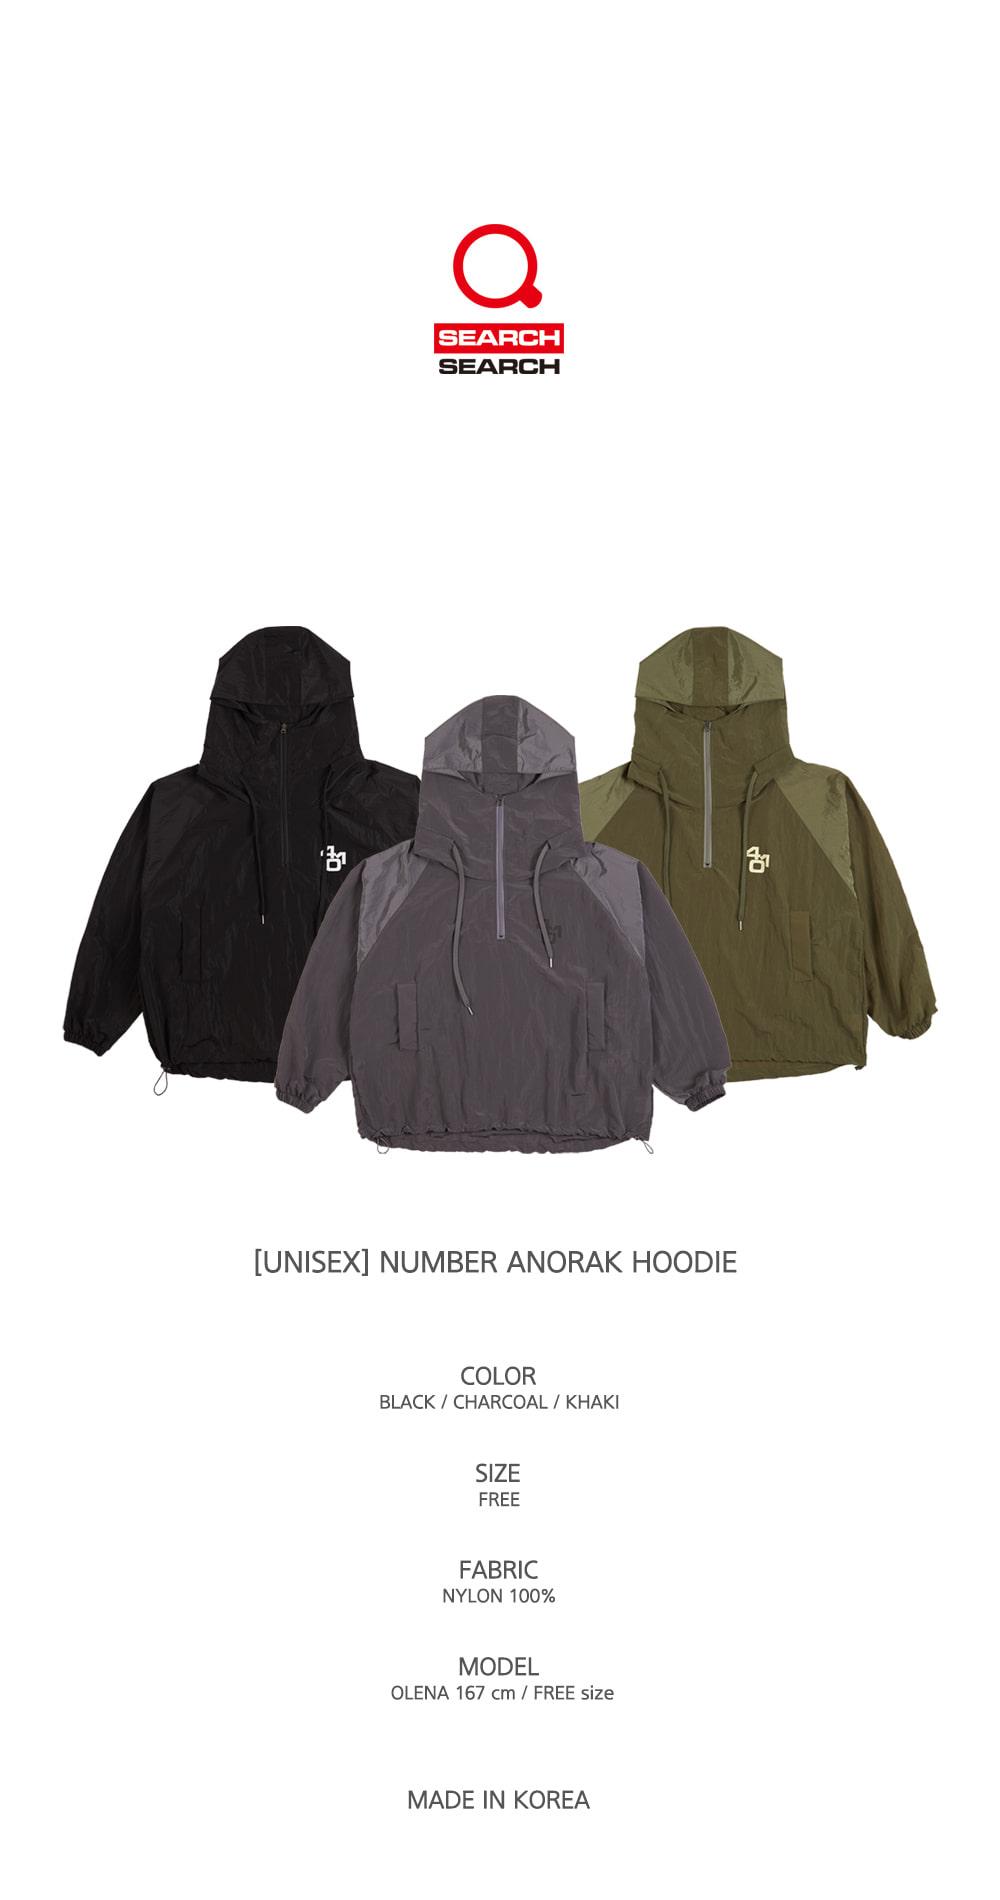 [UNISEX] NUMBER ANORAK HOODIE_BLACK